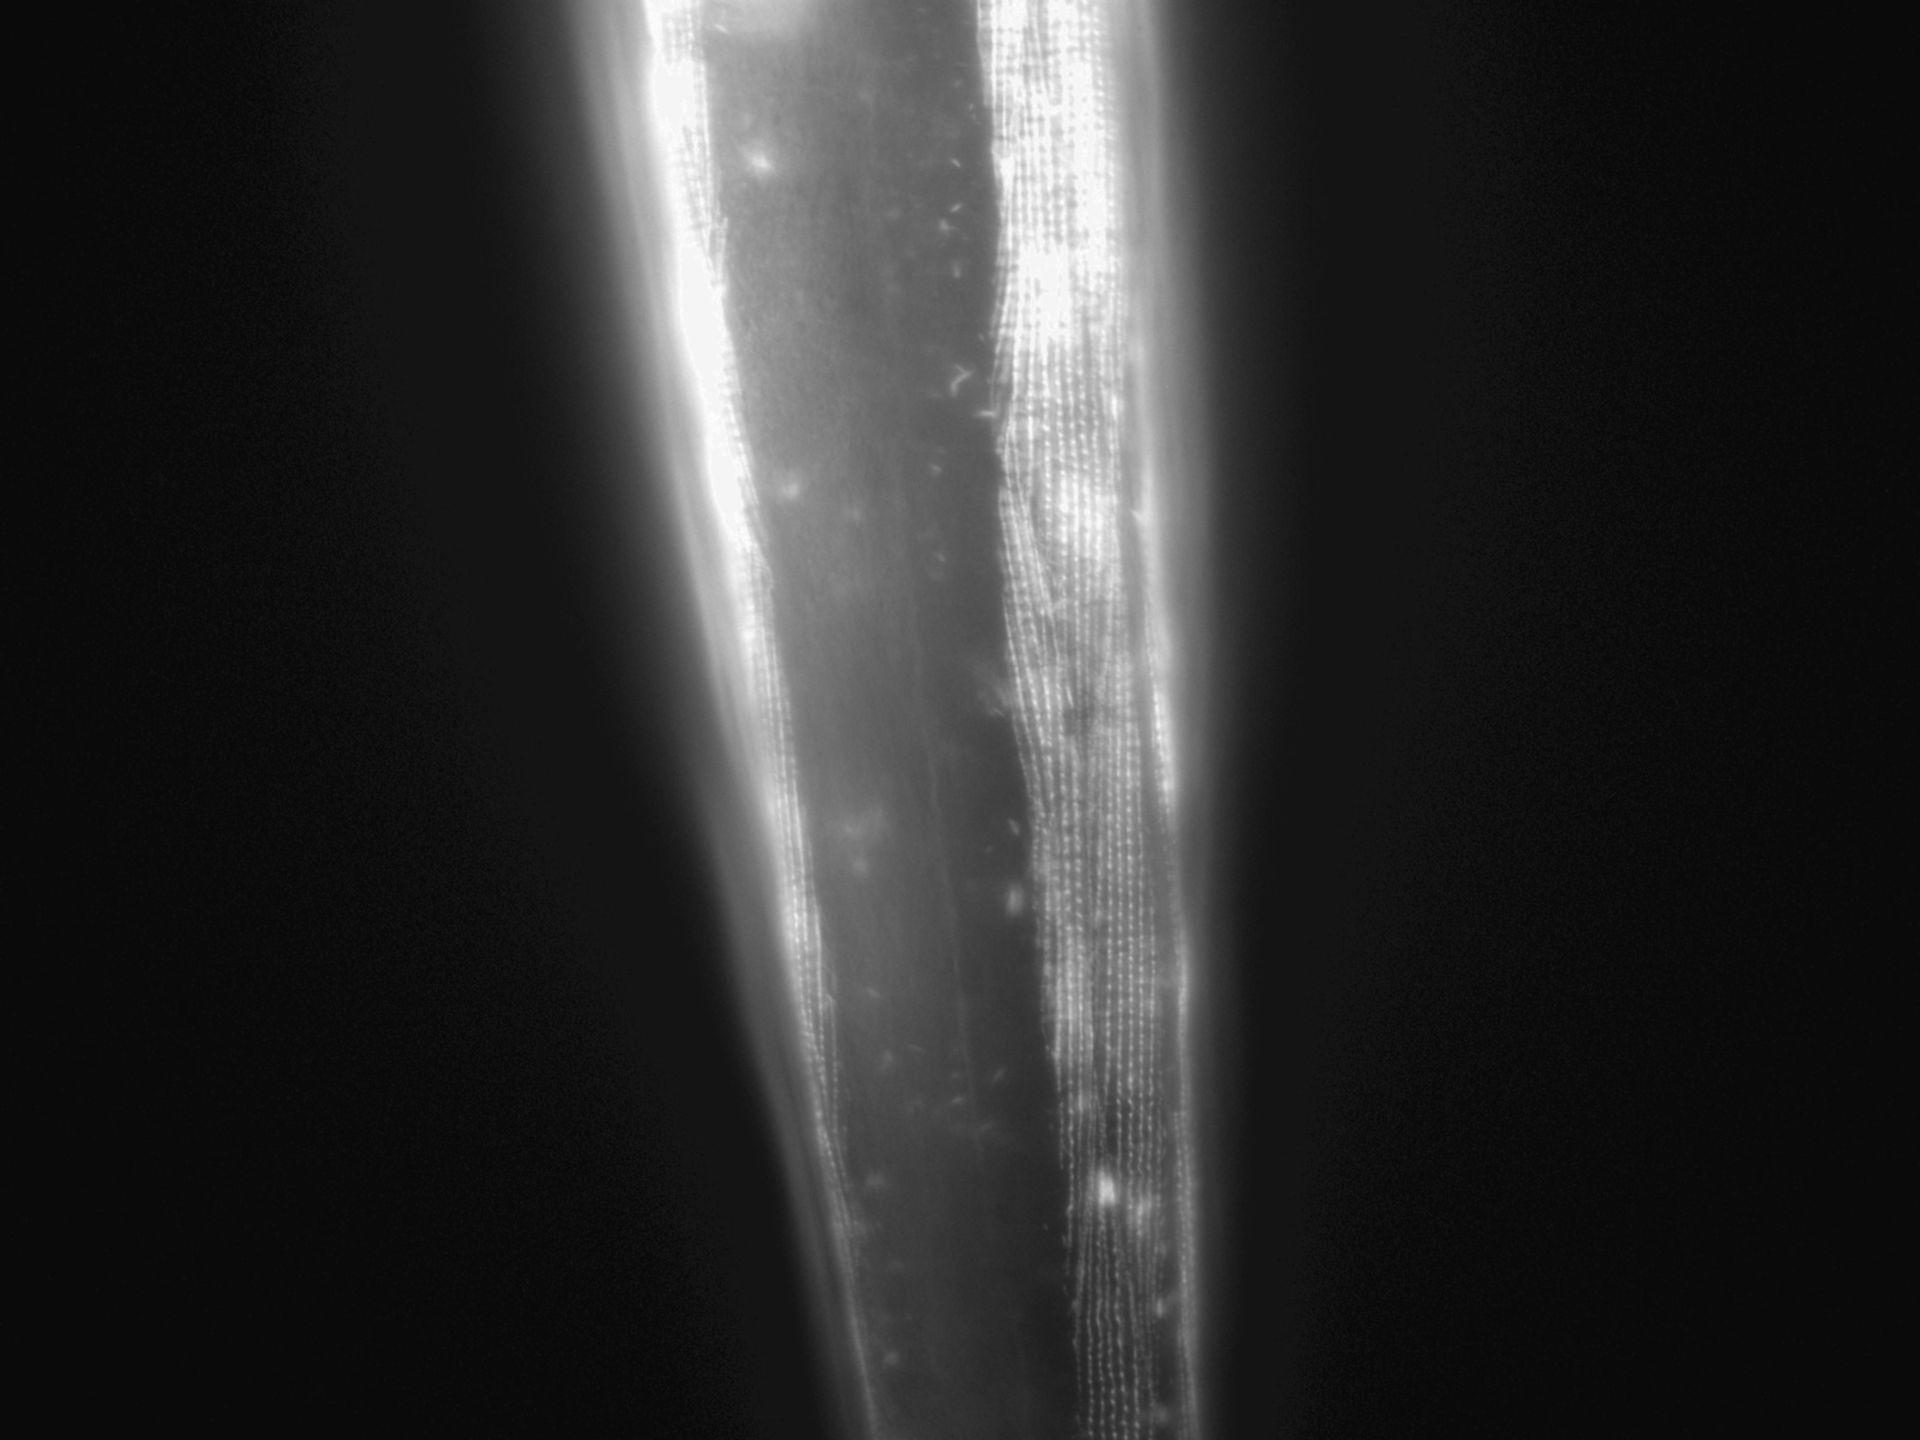 Caenorhabditis elegans (Actin filament) - CIL:1035